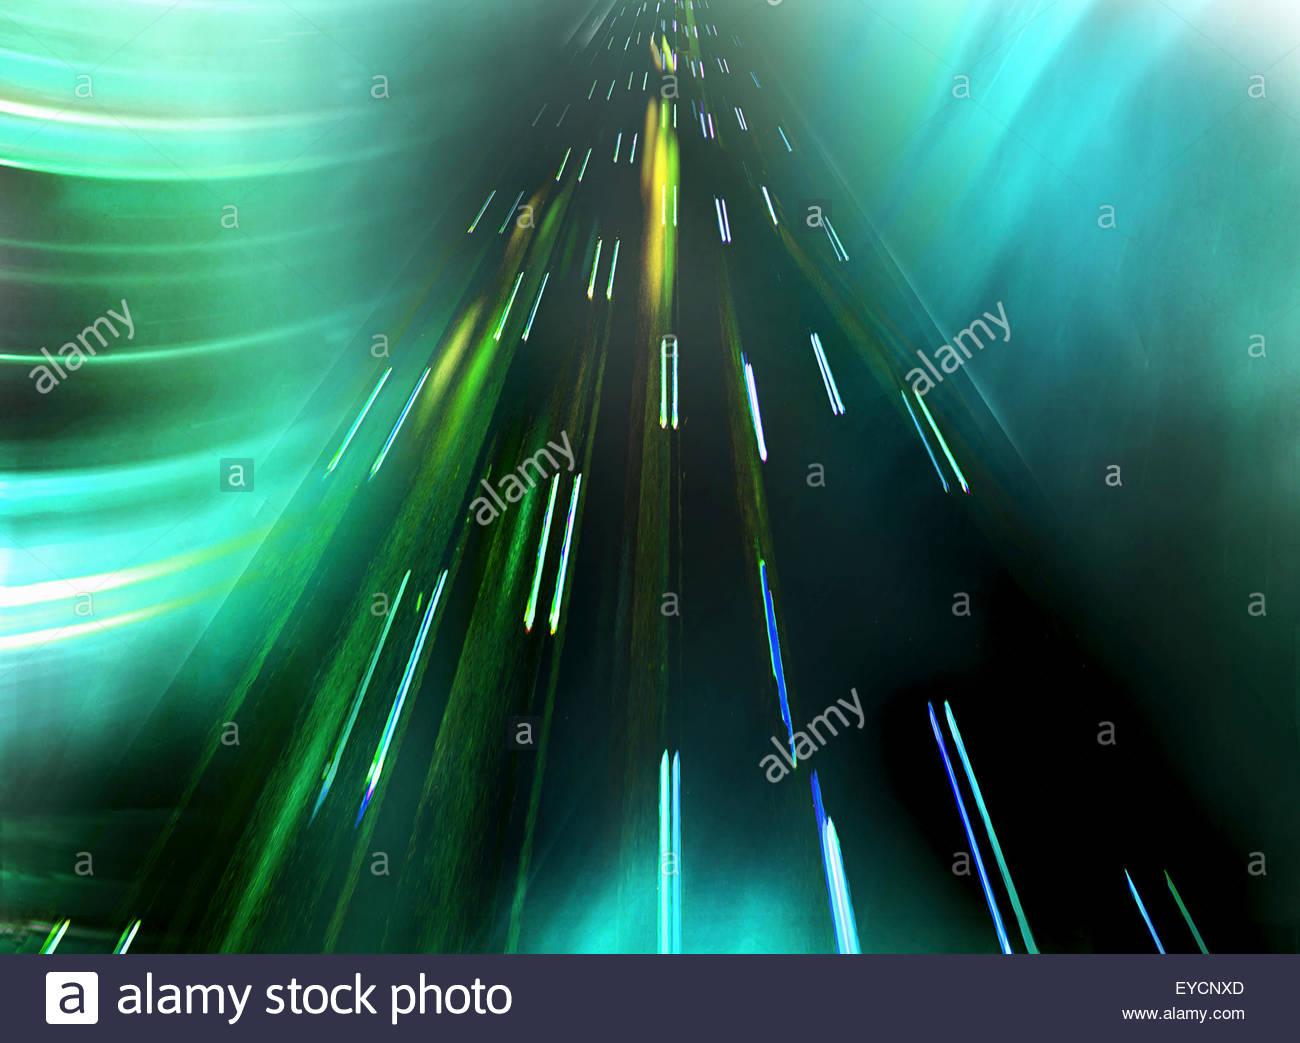 Patrón abstracto de estelas de luz moviéndose hacia arriba Imagen De Stock